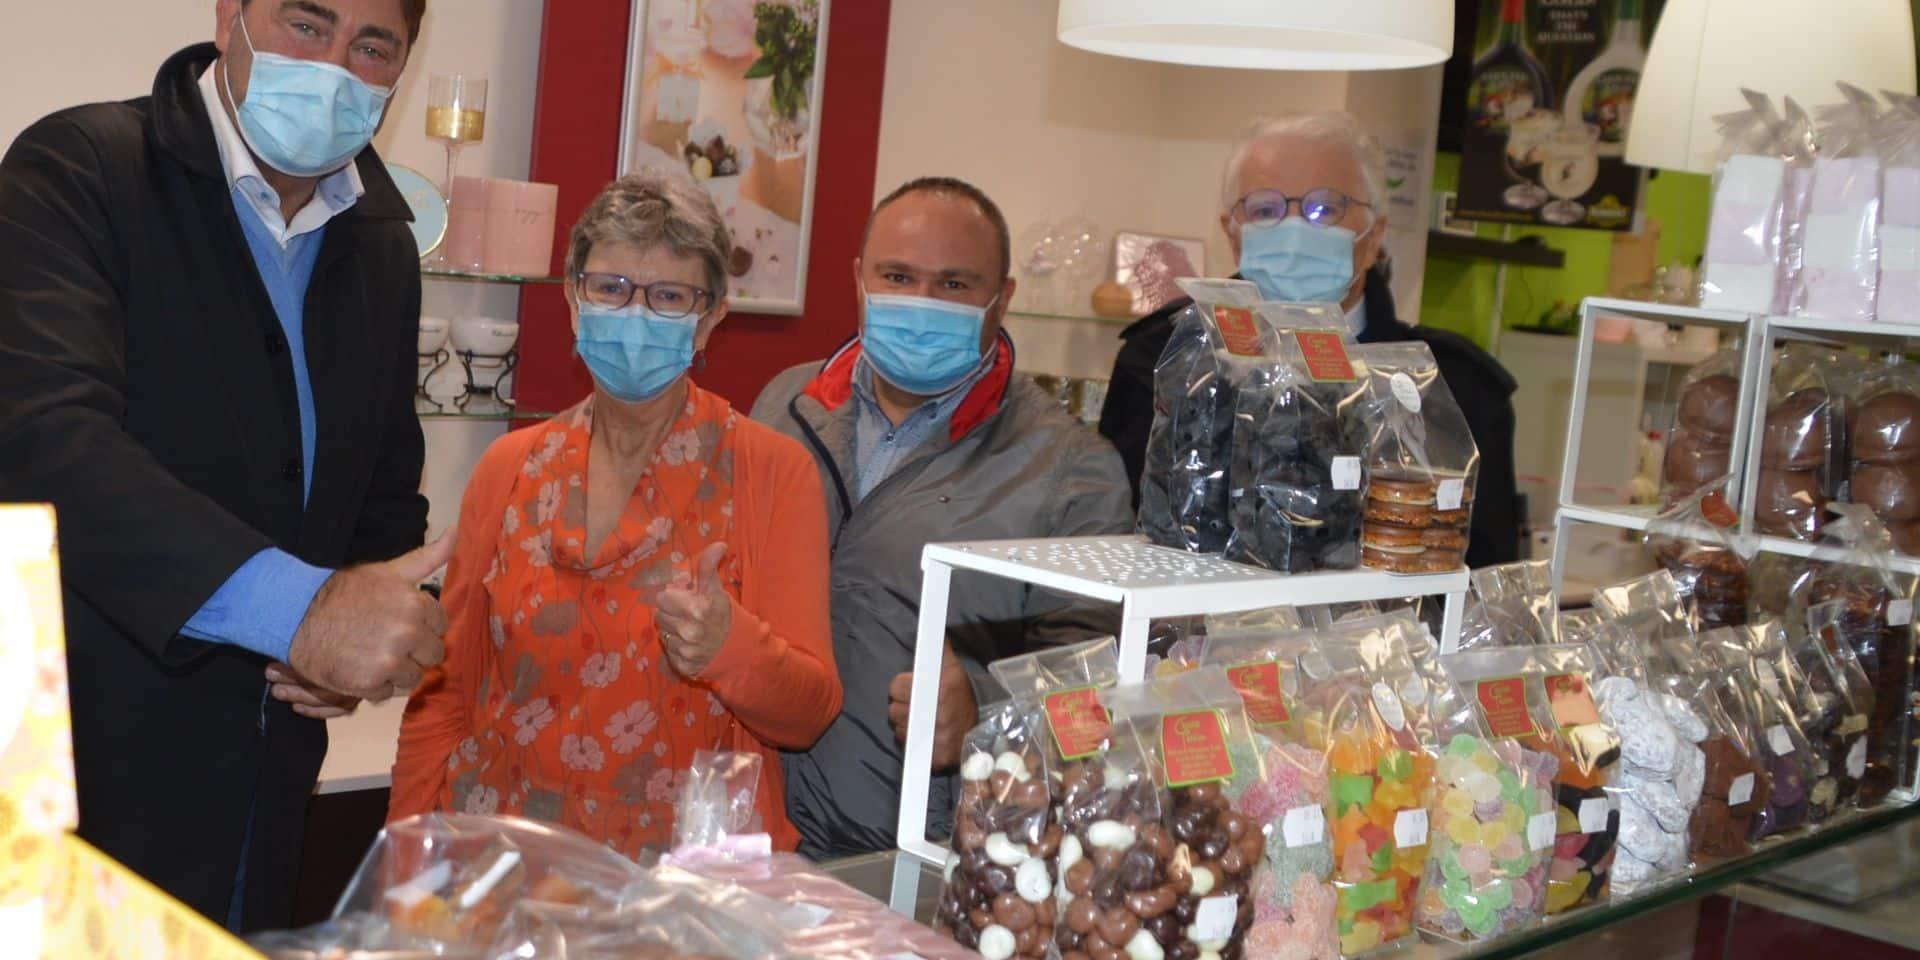 Belœil: Pascale et la chocolaterie, une aventure gourmande !